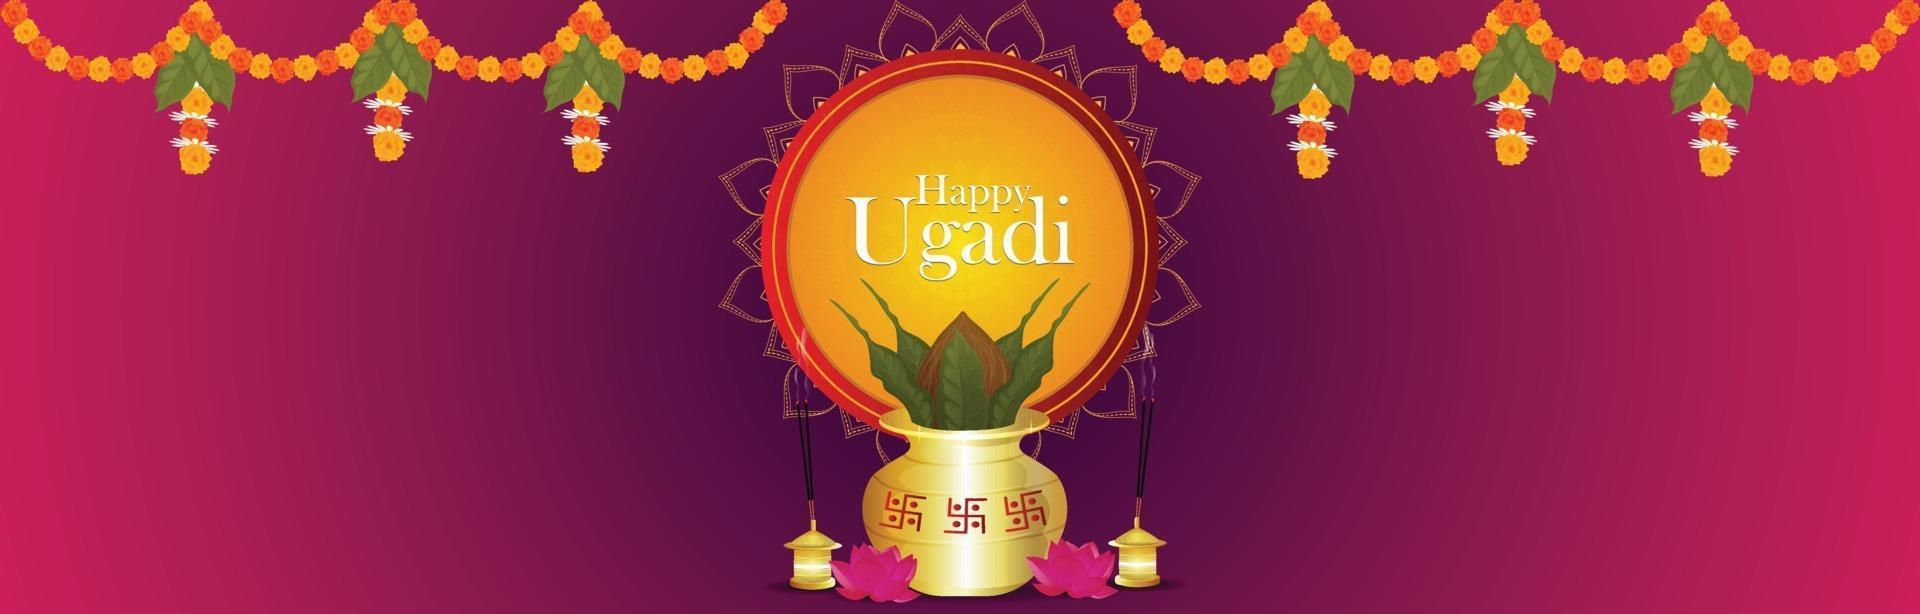 glad ugadi. mall gratulationskort traditionell festival vektor